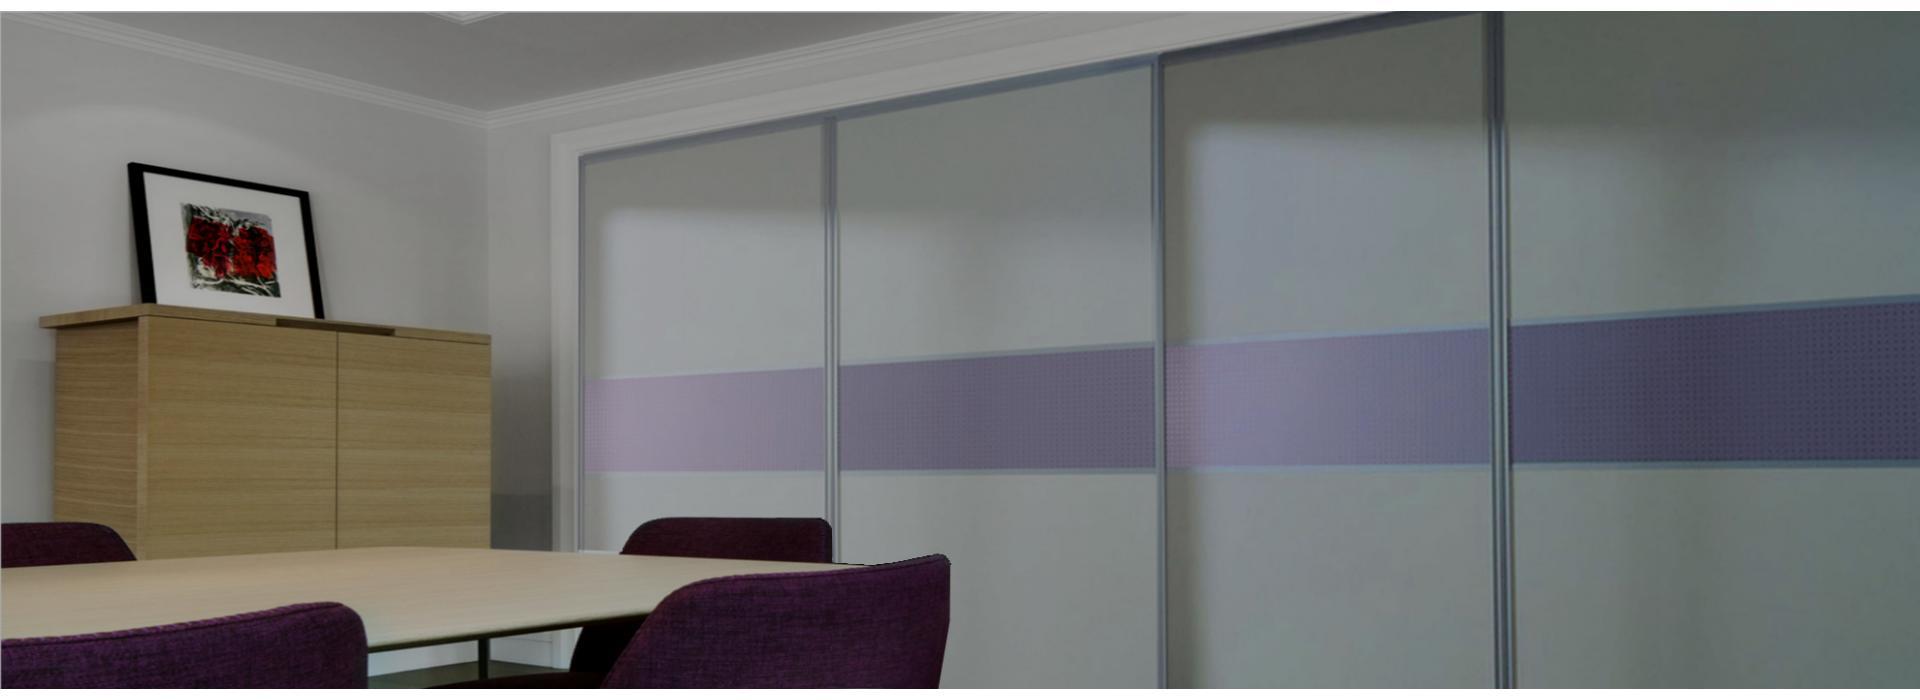 Вместе мы придумаем дизайн, разработаем конструкцию и подберём материалы для Вашего шкафа или гардеробной